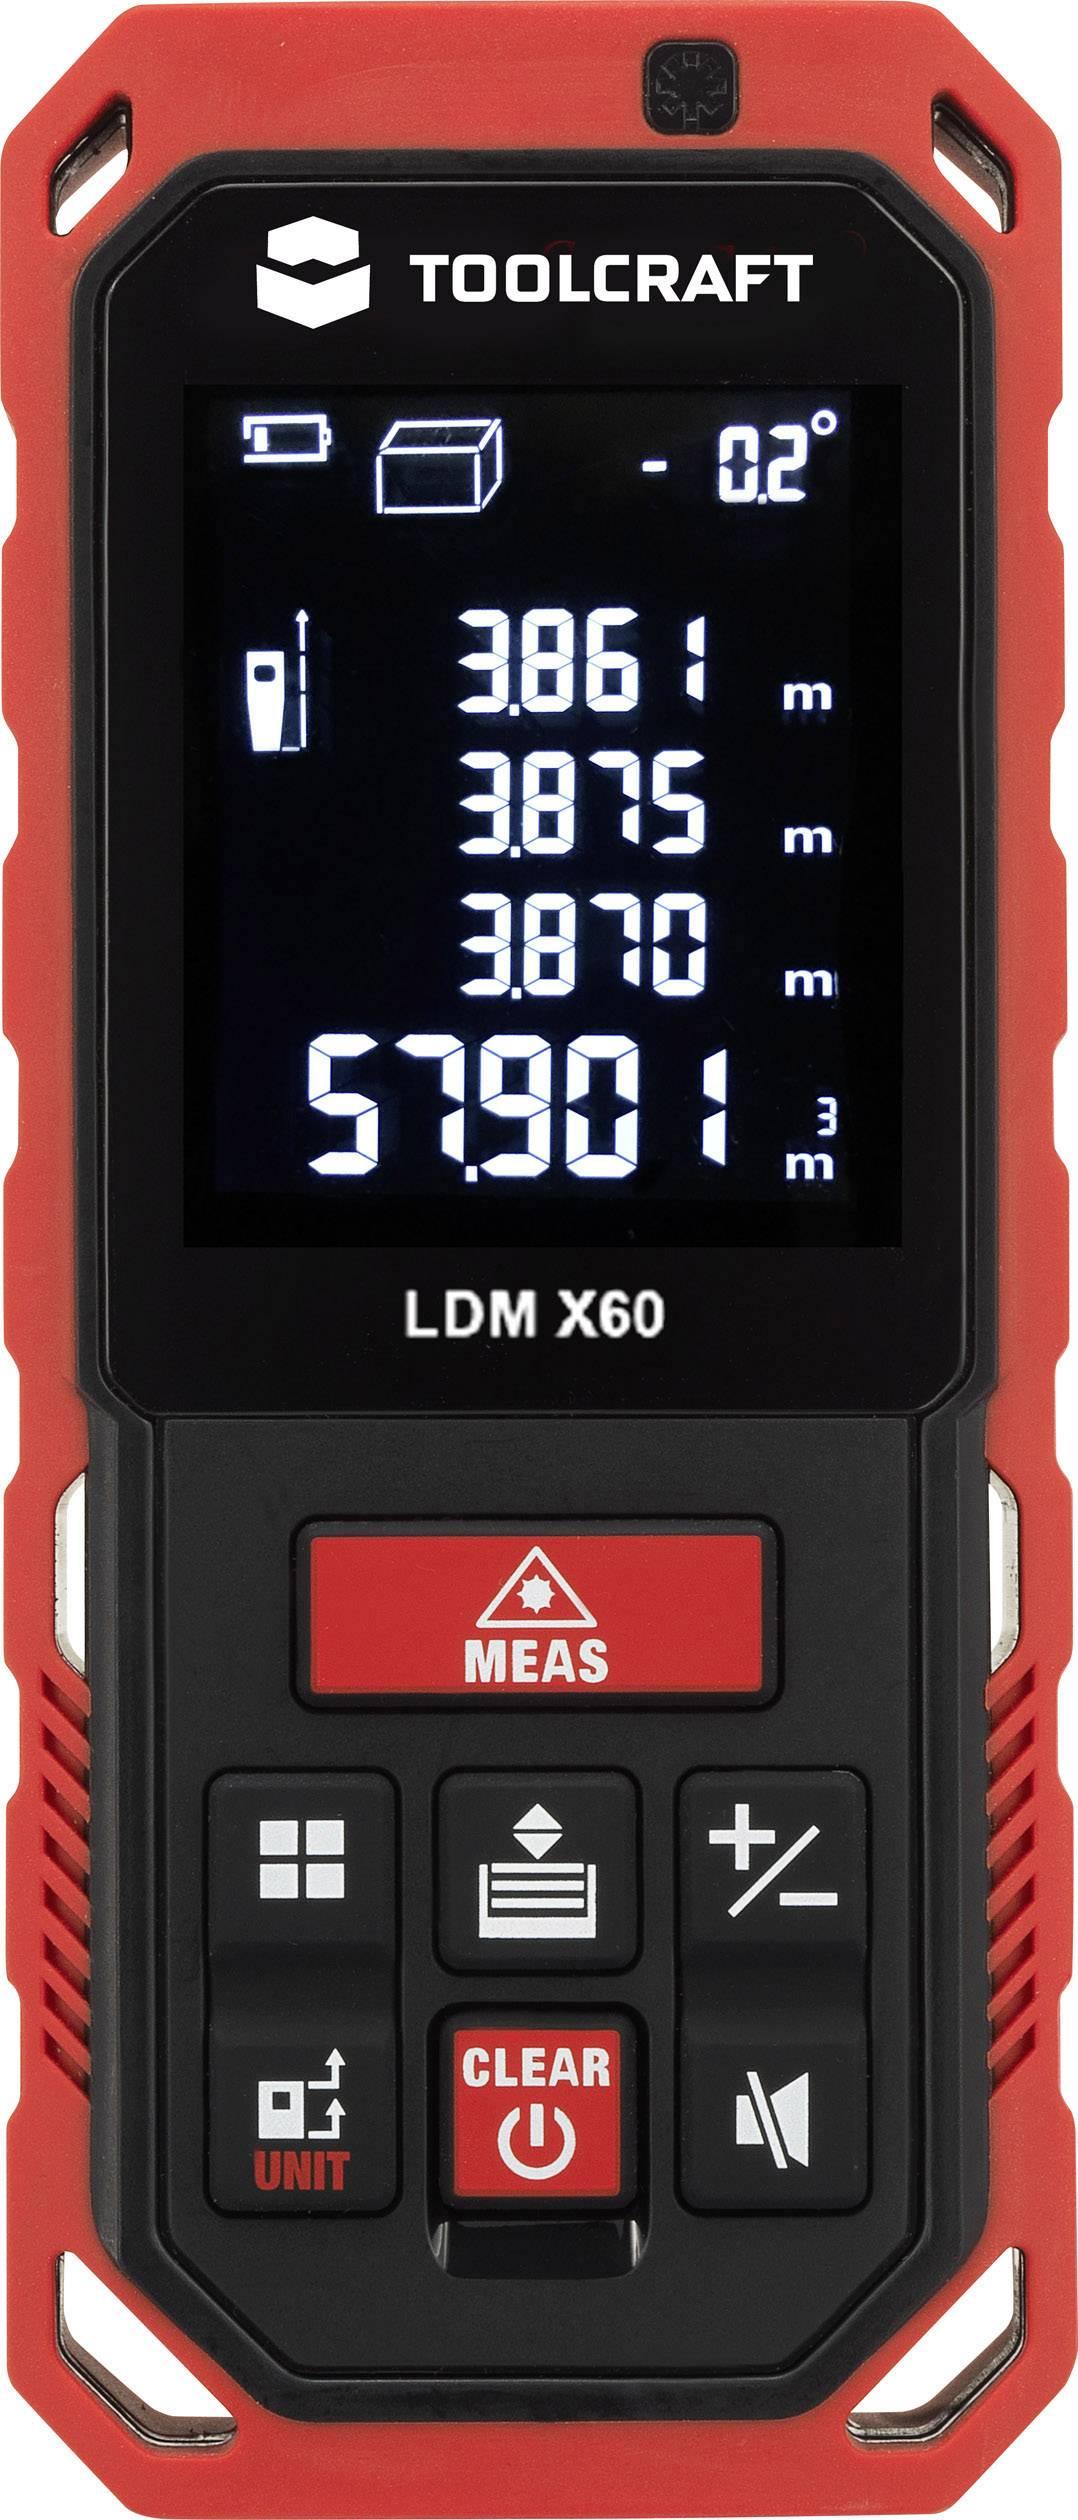 Laserový měřič vzdálenosti TOOLCRAFT TO-LMD X60, max. rozsah 60 m